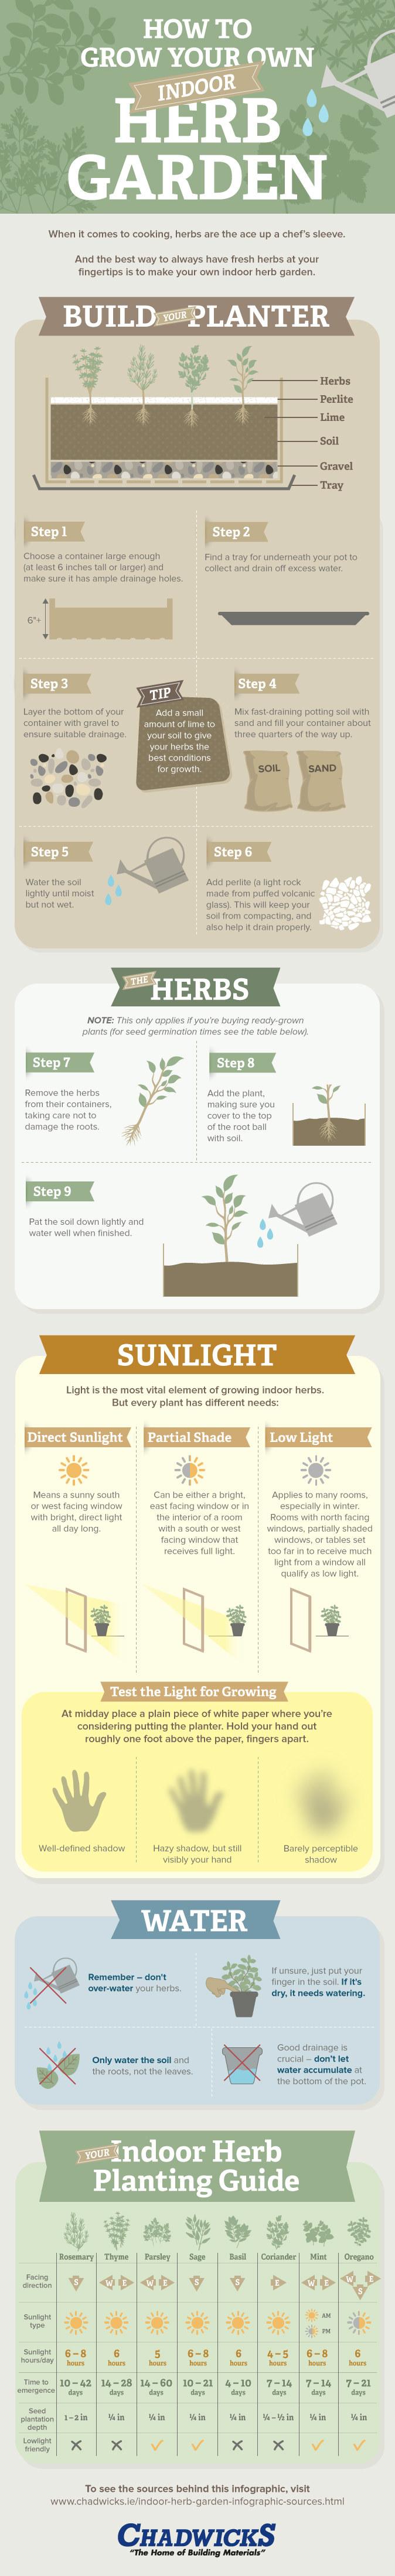 indoor herb garden guide